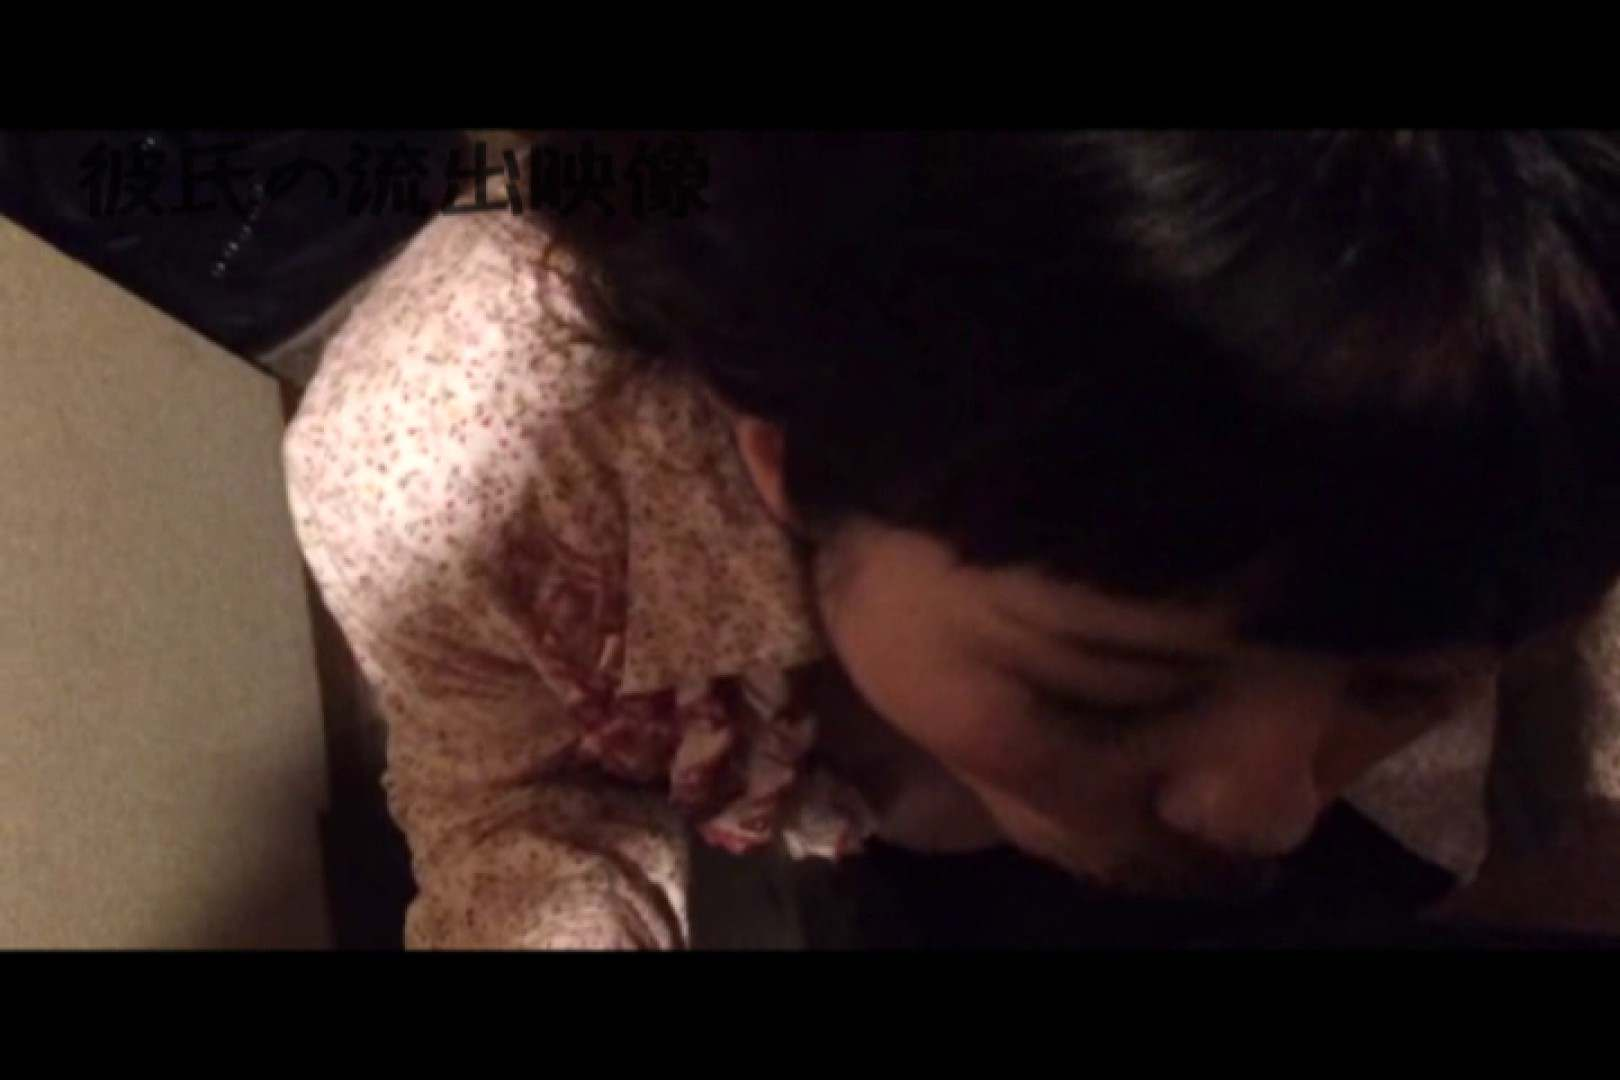 彼氏が流出 パイパン素人嬢のハメ撮り映像03 素人 オマンコ無修正動画無料 81pic 46